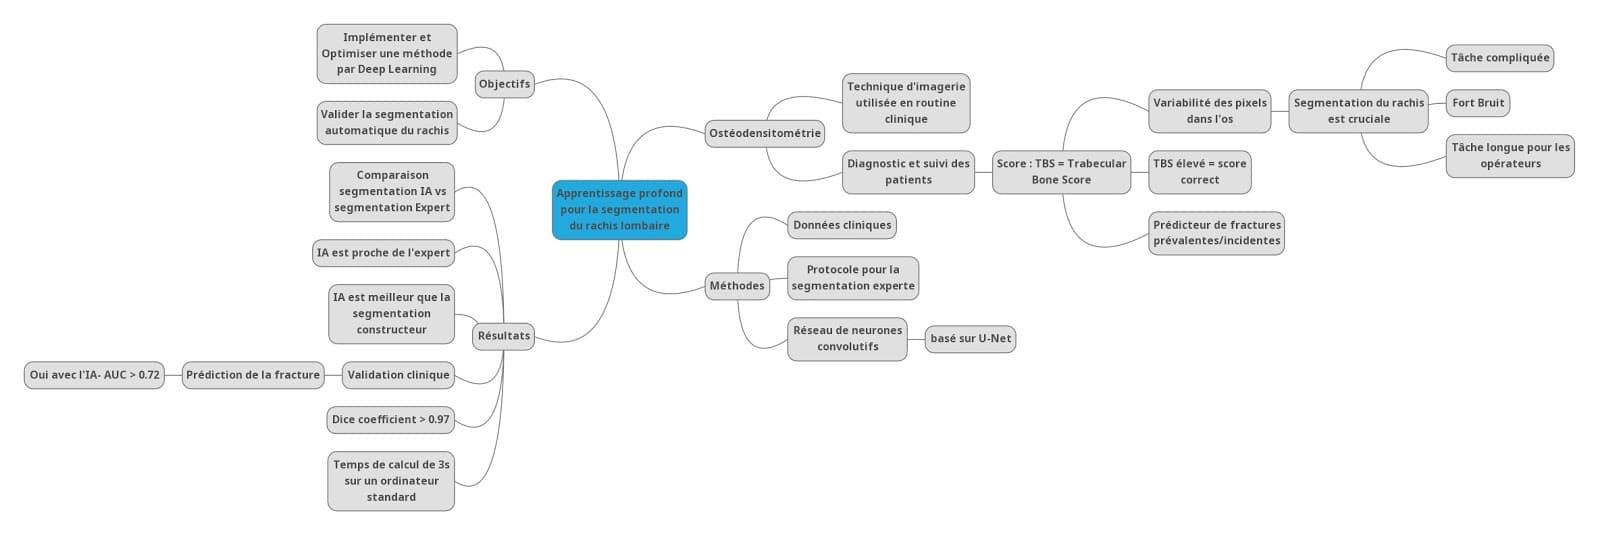 data santé pour la segmentation du rachis lombaire